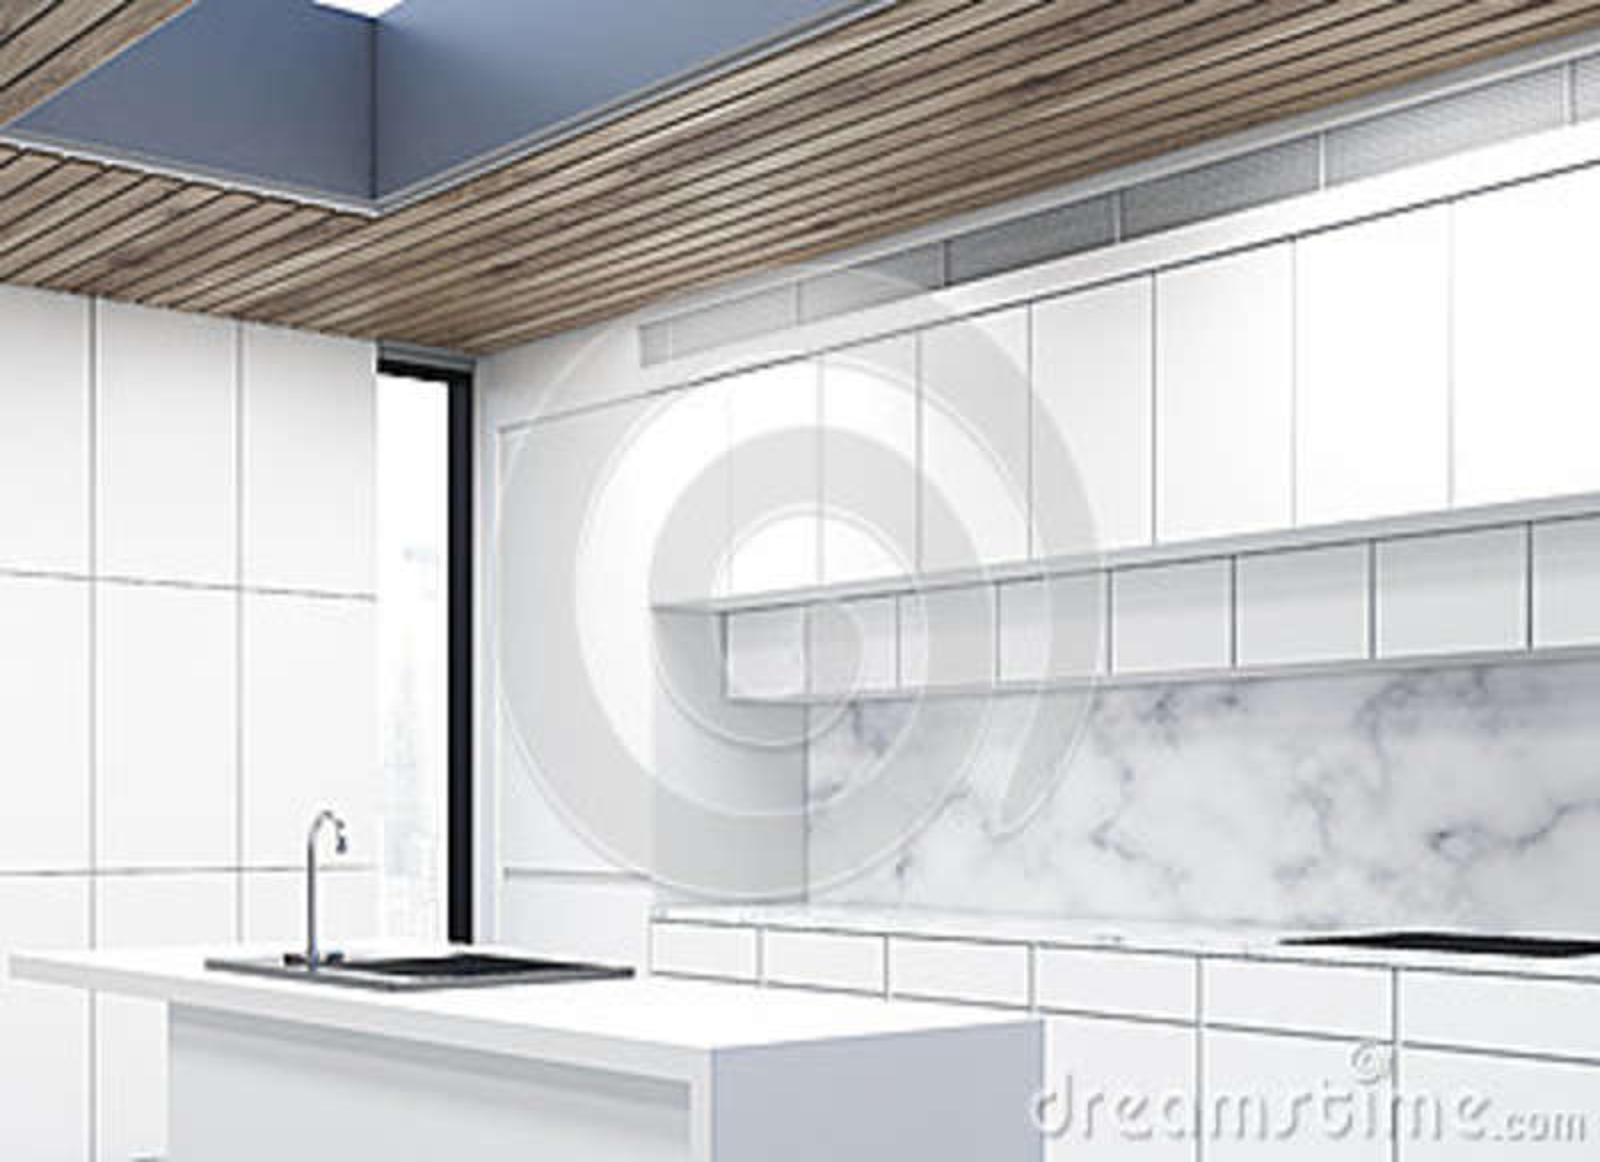 kitchen island counter cabinet resurfacing 厨房小岛 大理石 边库存例证 插画包括有舒适 碗柜 框架 现代 家具 一个厨房小岛的侧视图在有白色柜台和两个火炉的一个厨房里3d翻译